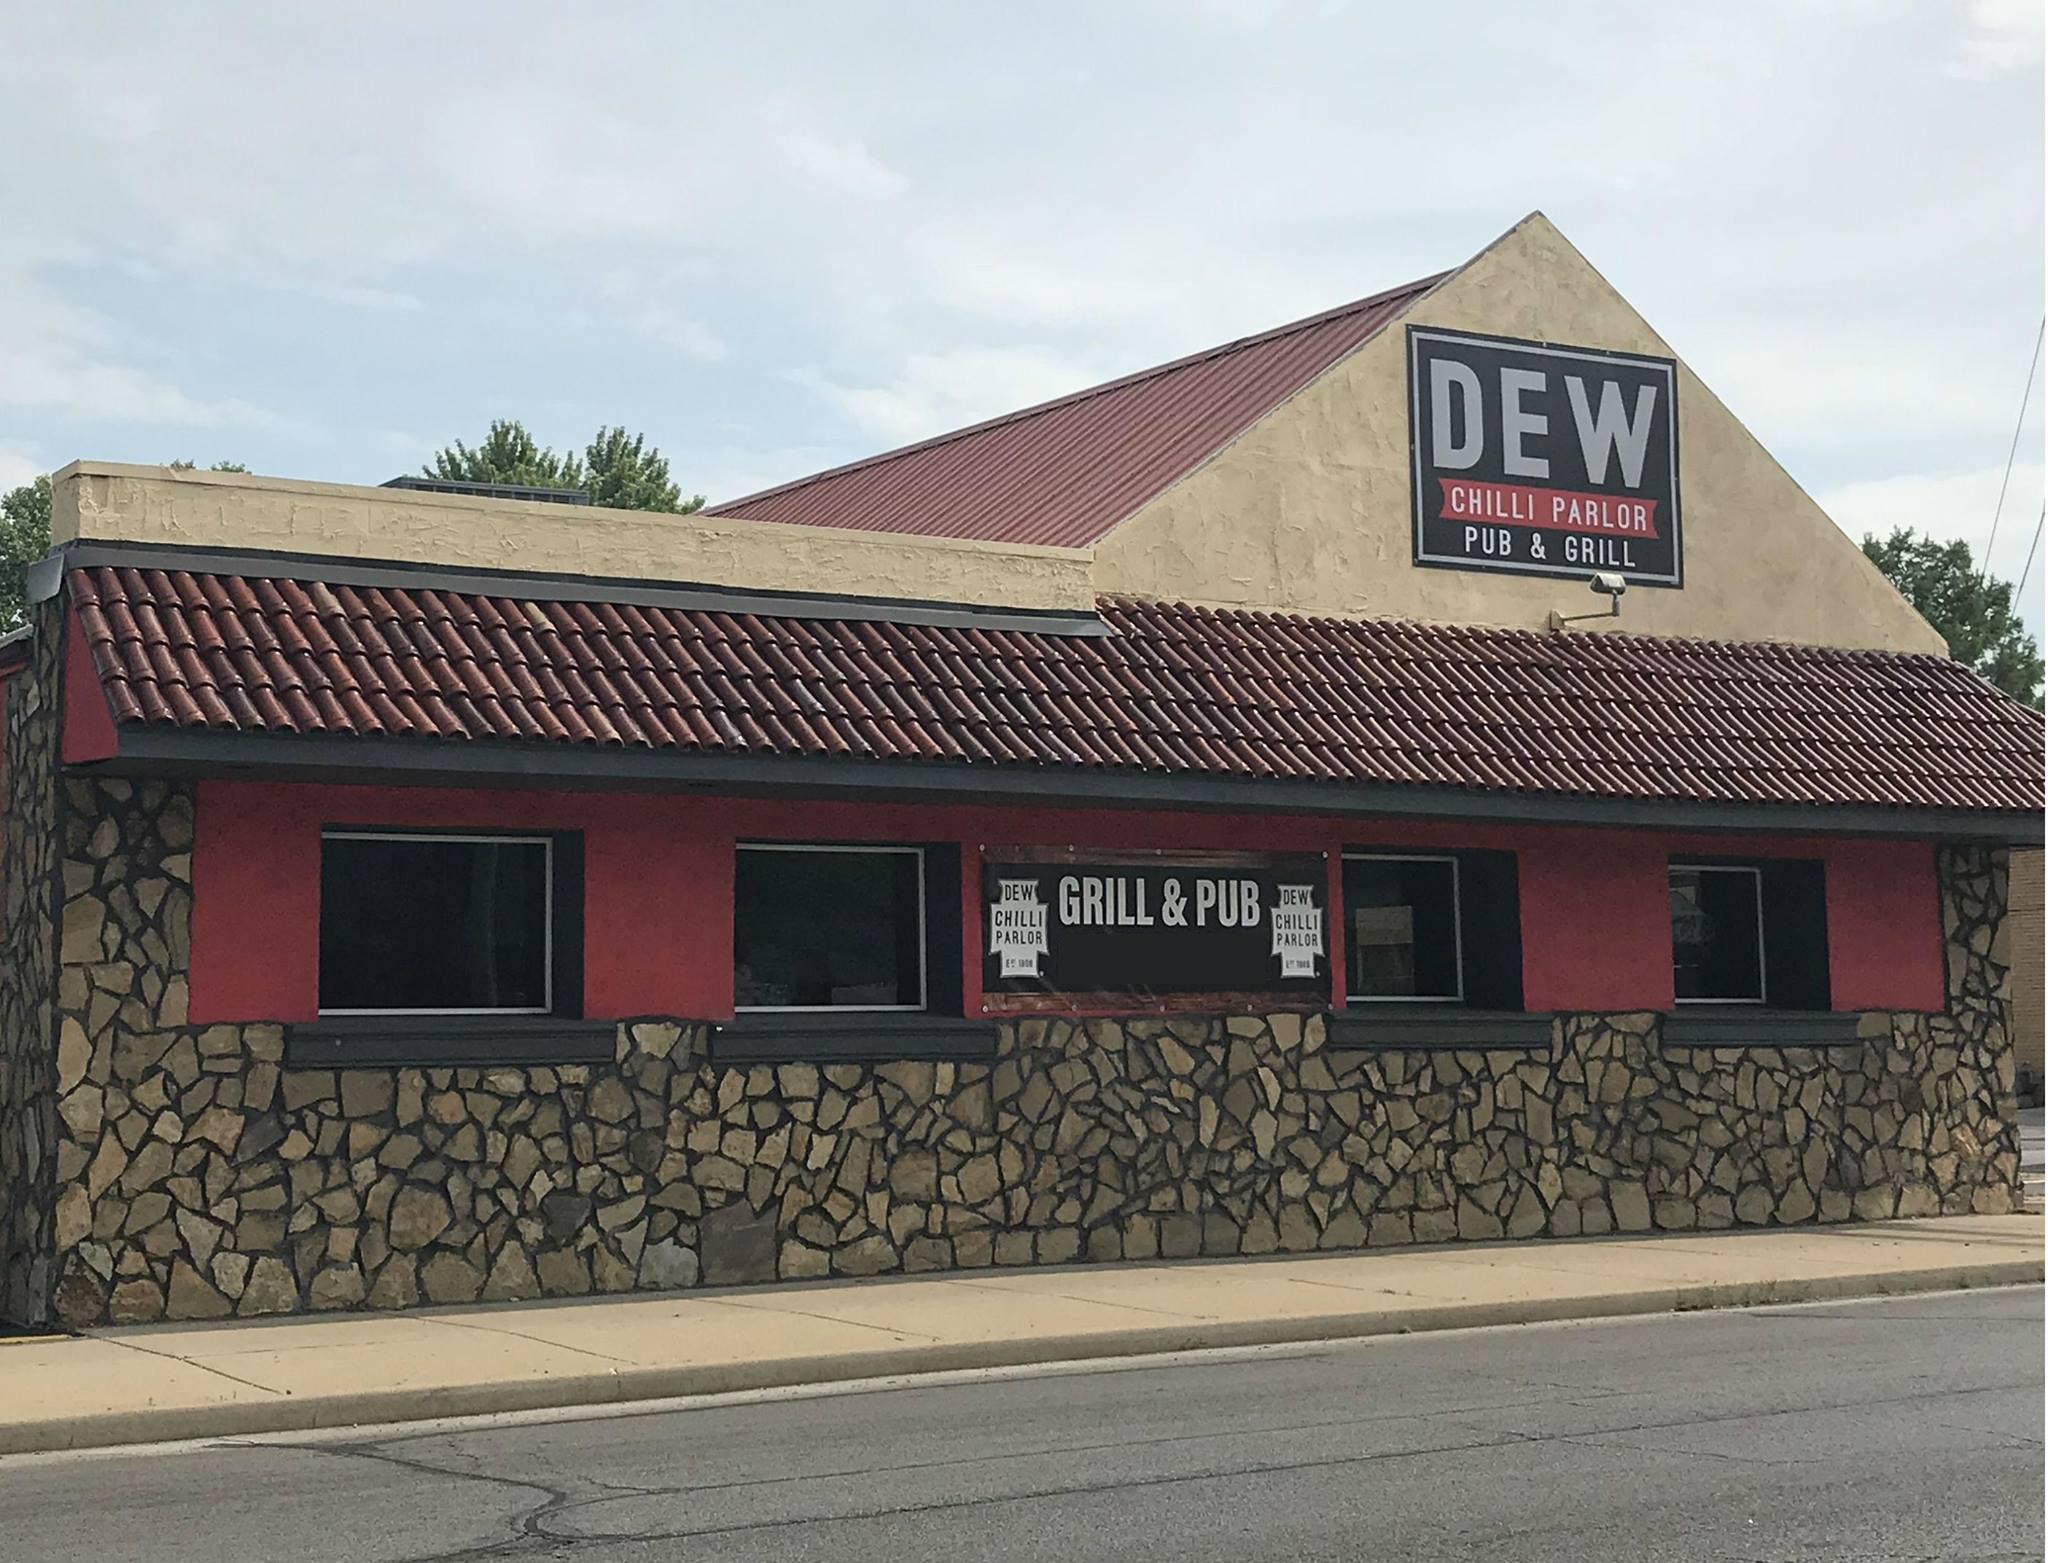 Dew Chilli Pub & Grill North